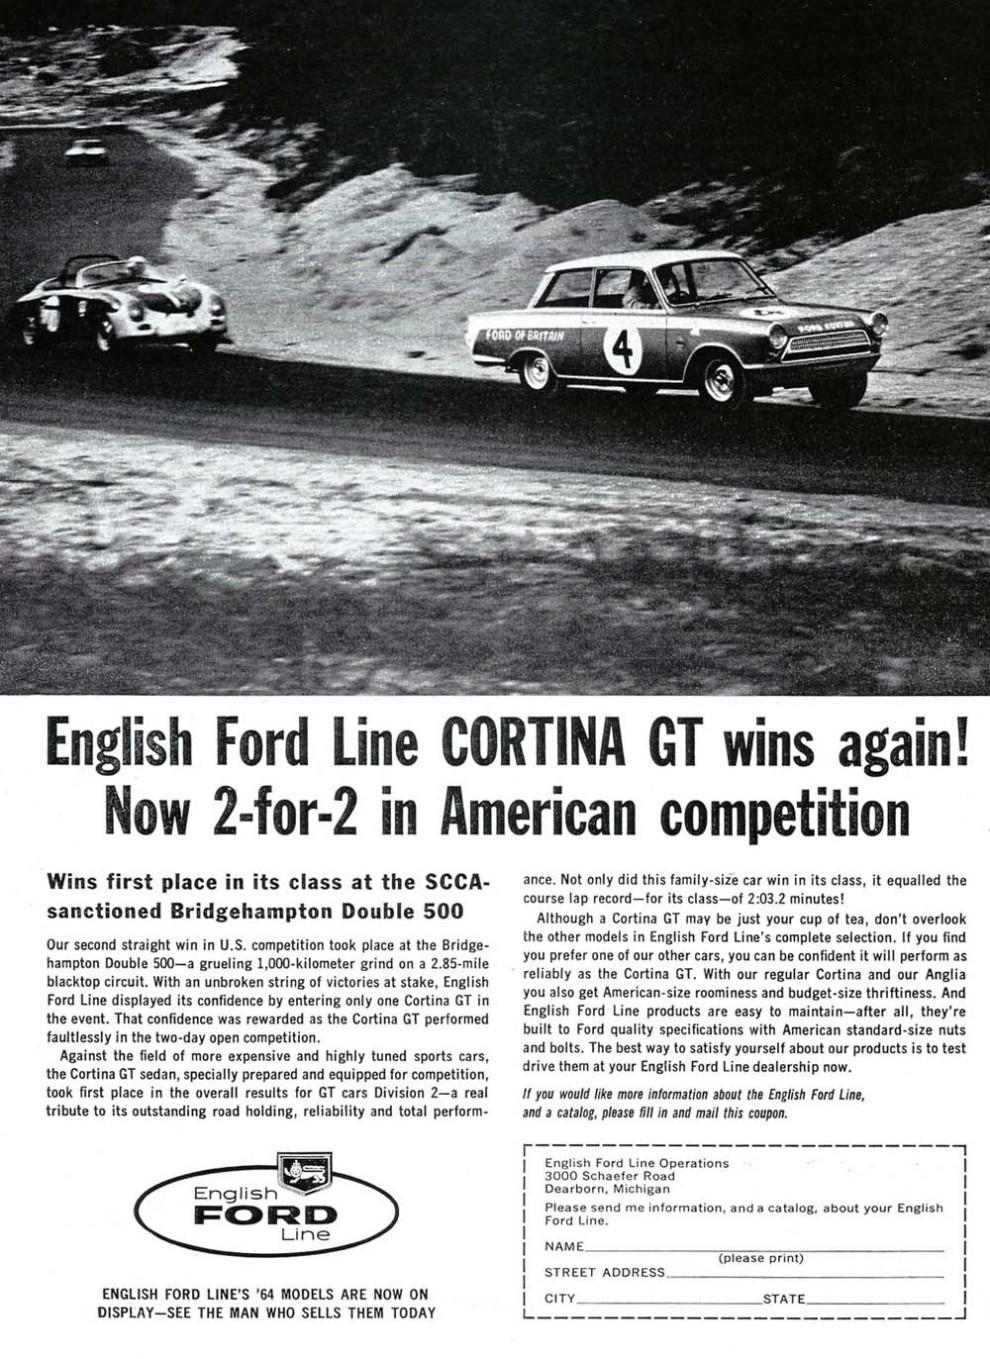 Ford skapade också en sportig image med sin Cortina GT